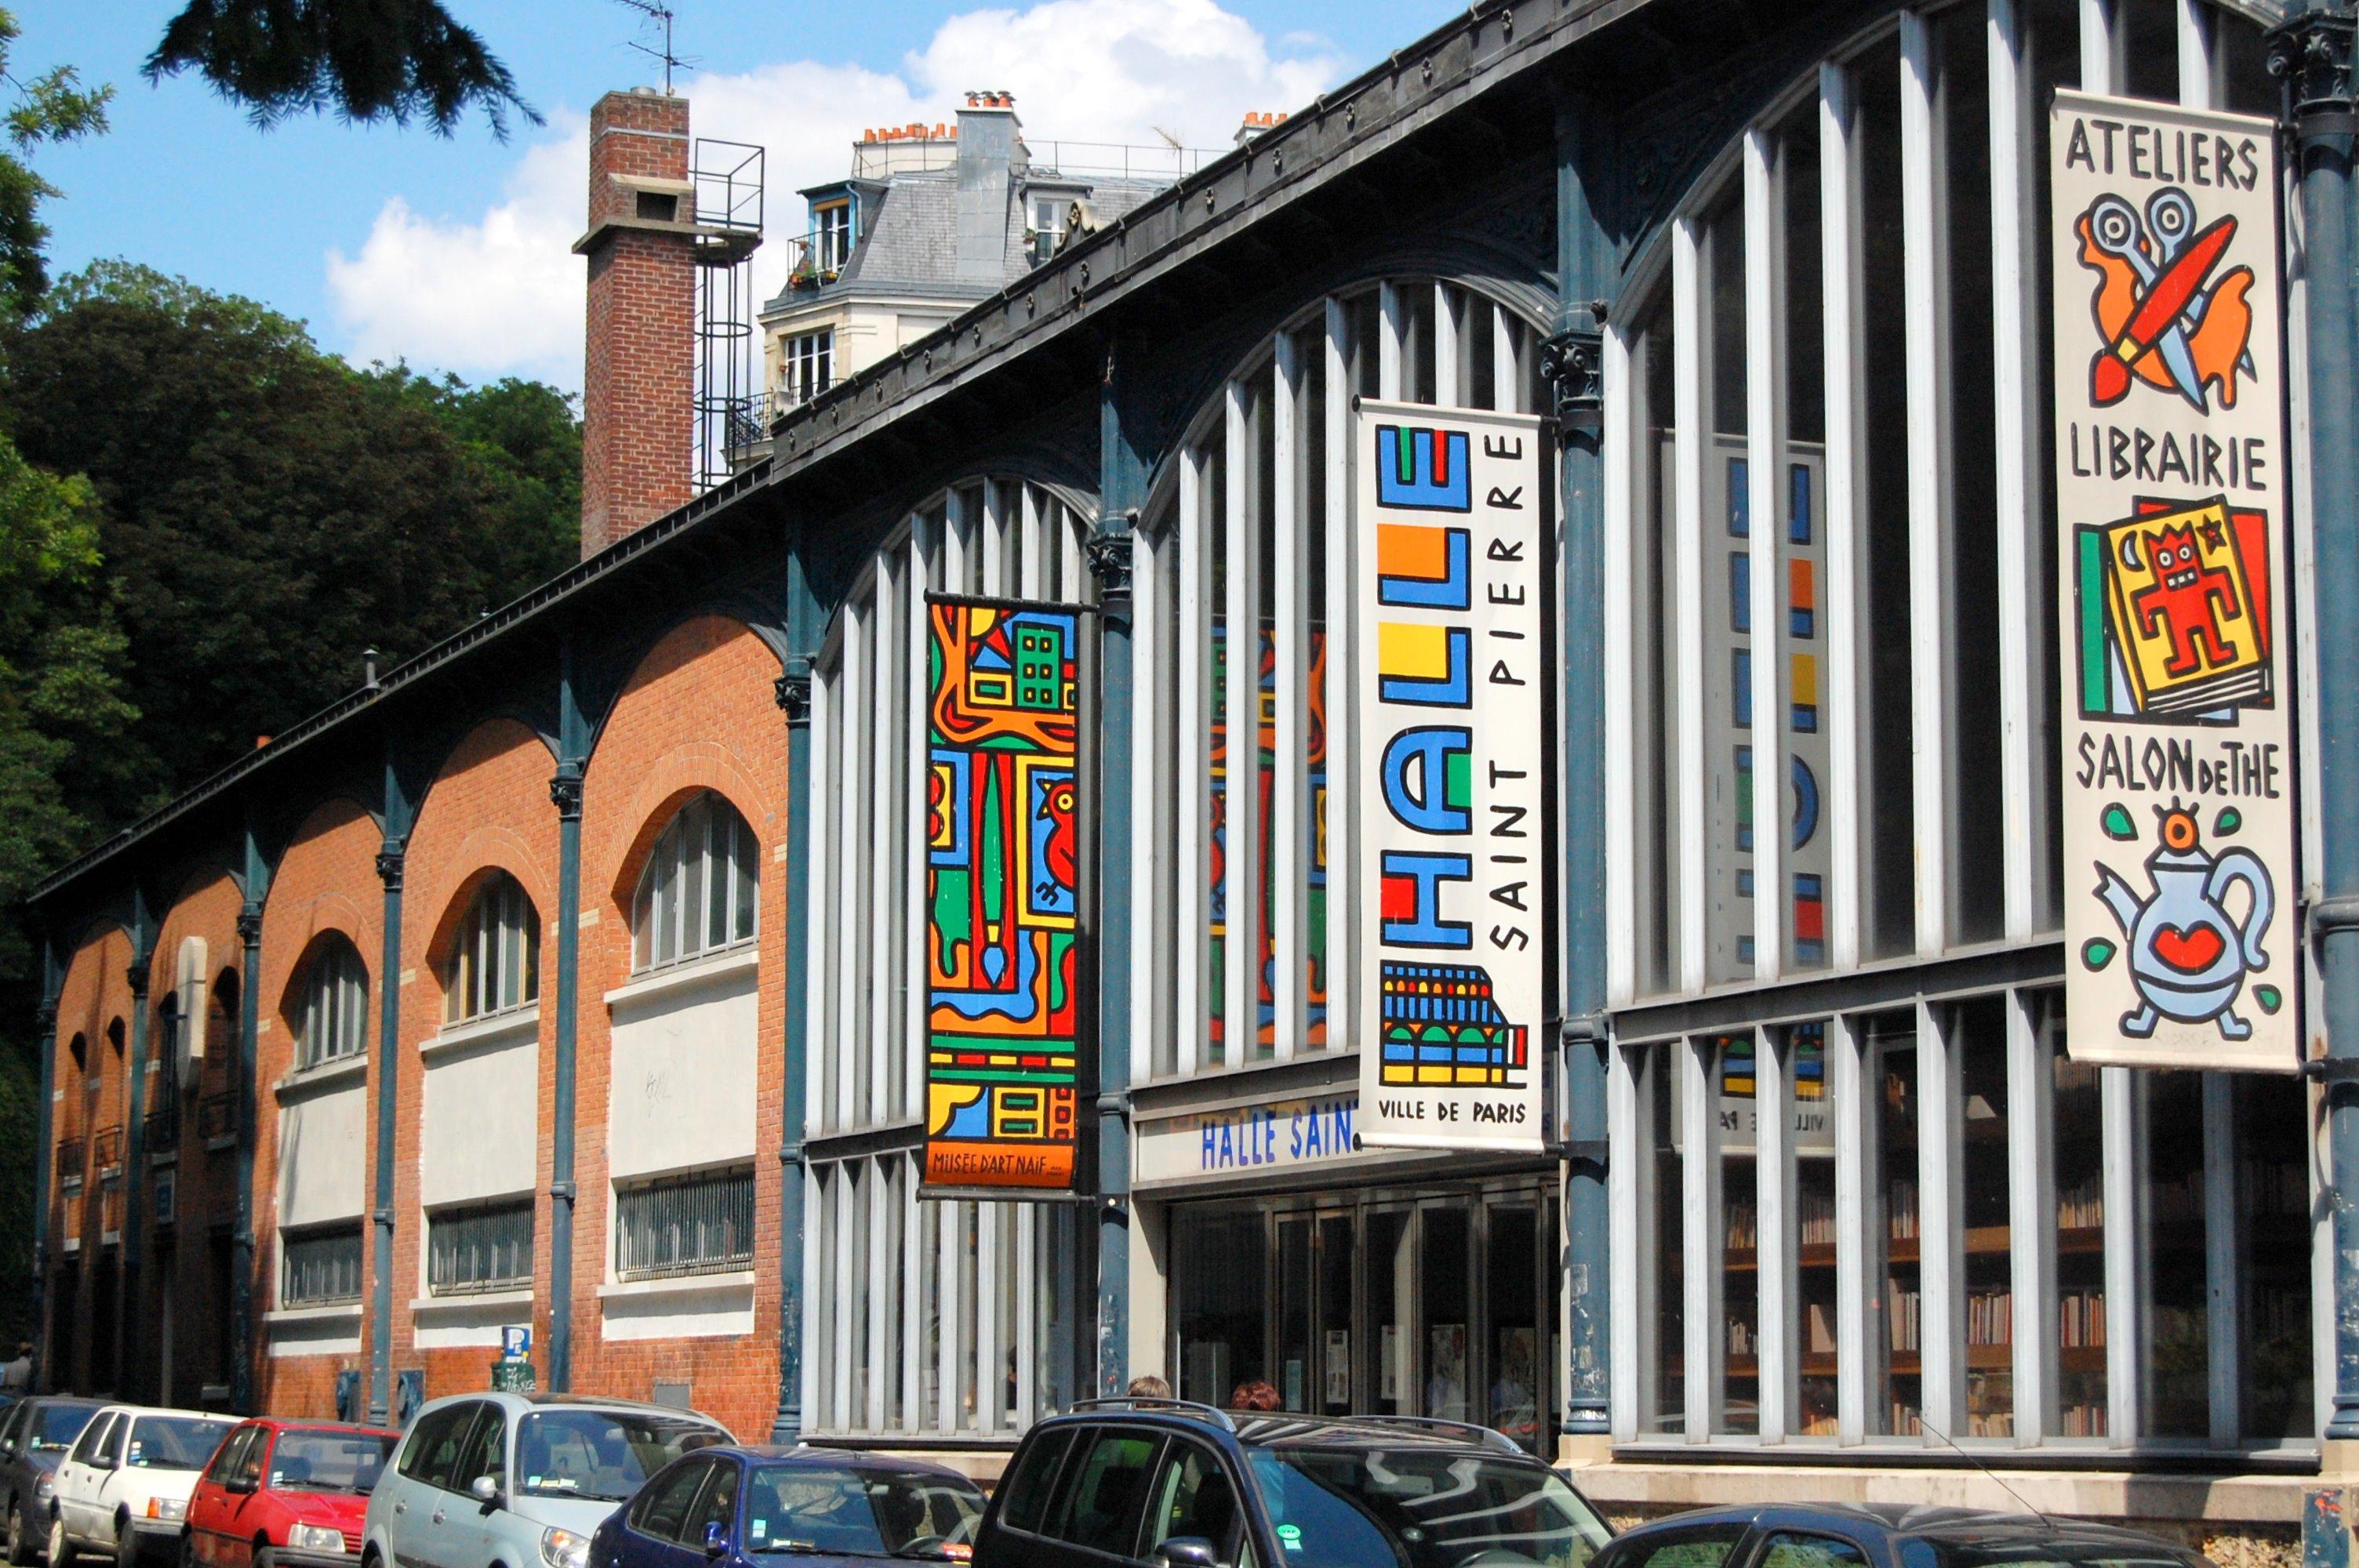 Musee de Art Max forny